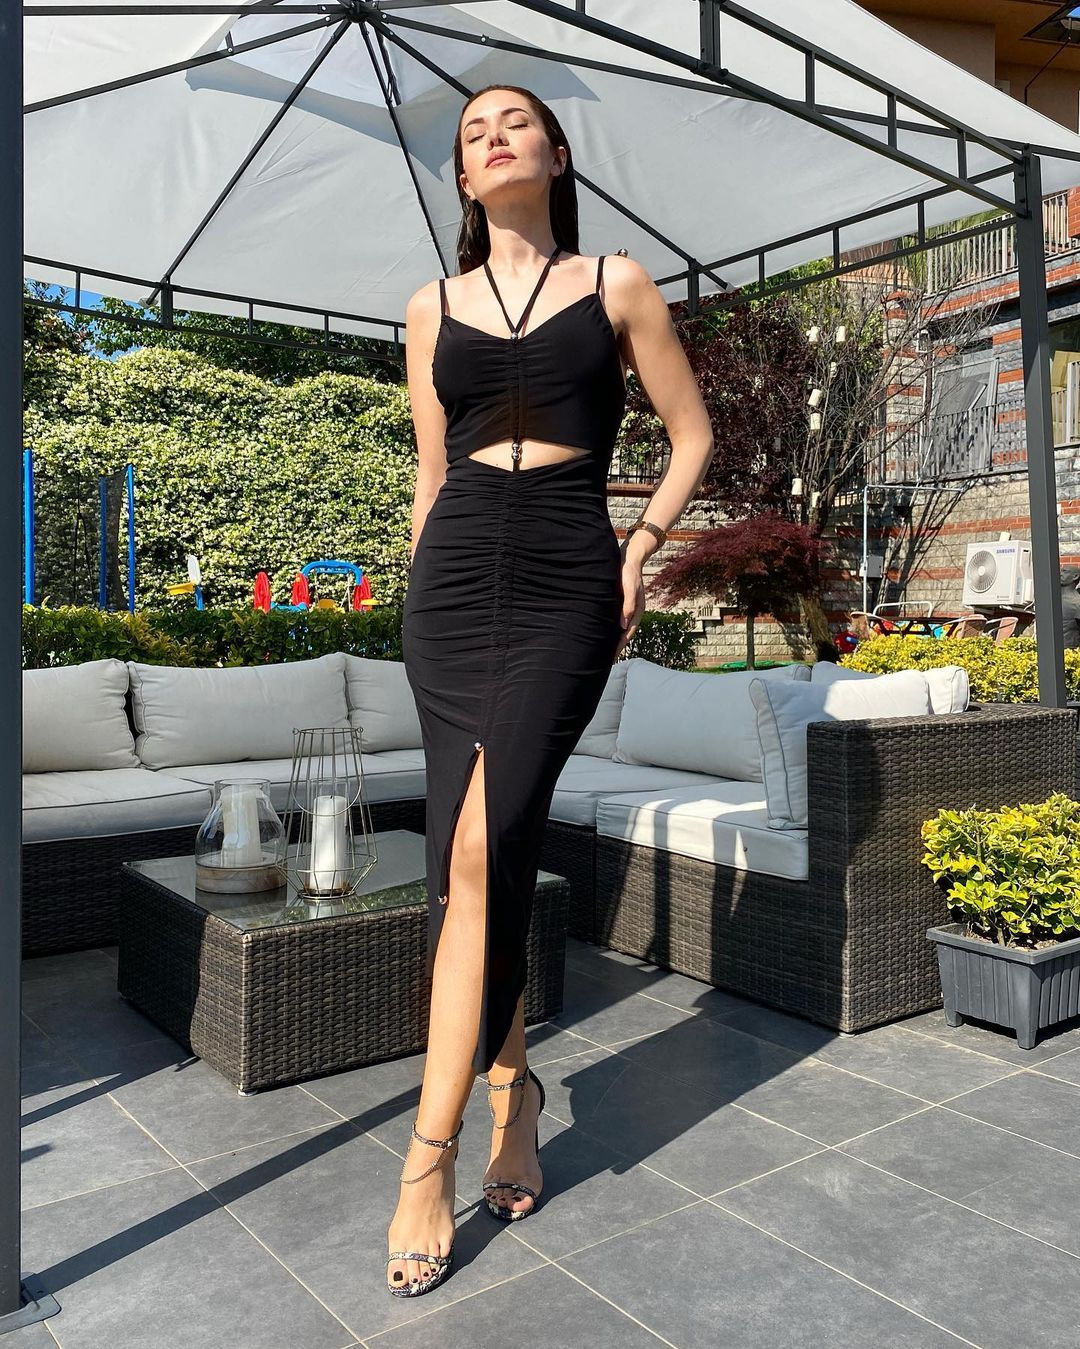 Ünlü oyuncu Fahriye Evcen siyah dekolteli elbisesi ile göz kamaştırdı! - Sayfa 4